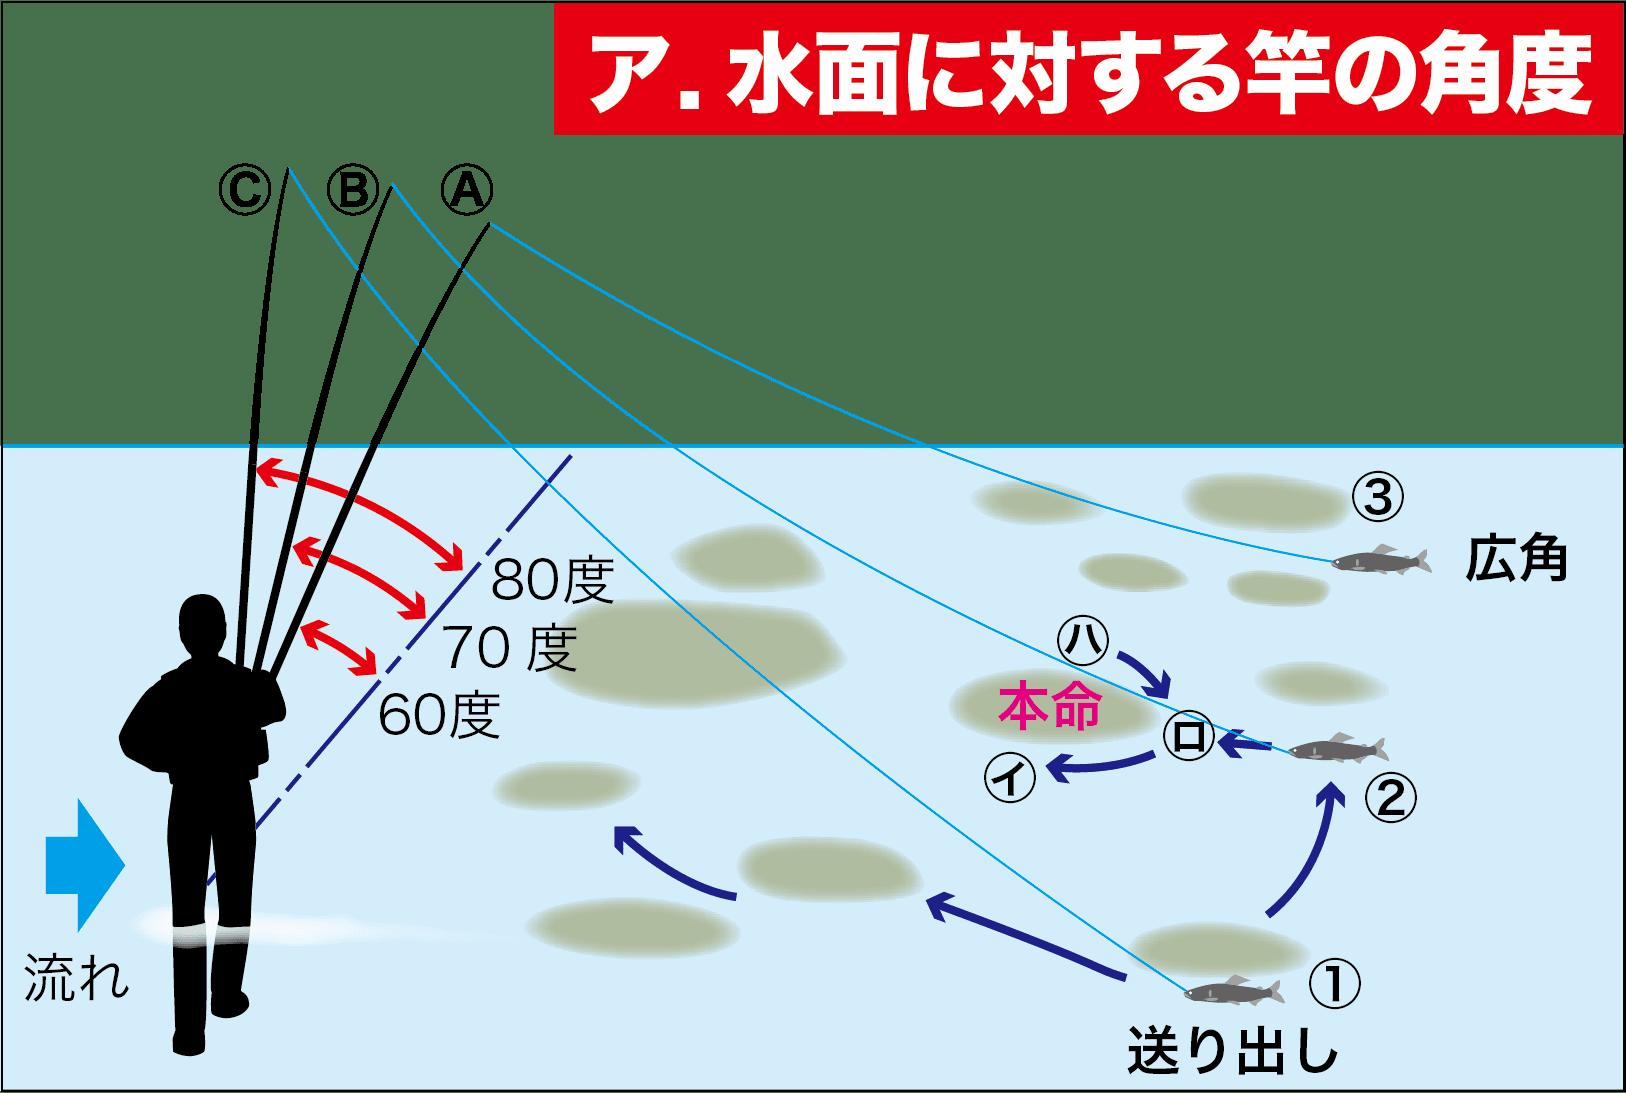 アユ竿の角度3-3